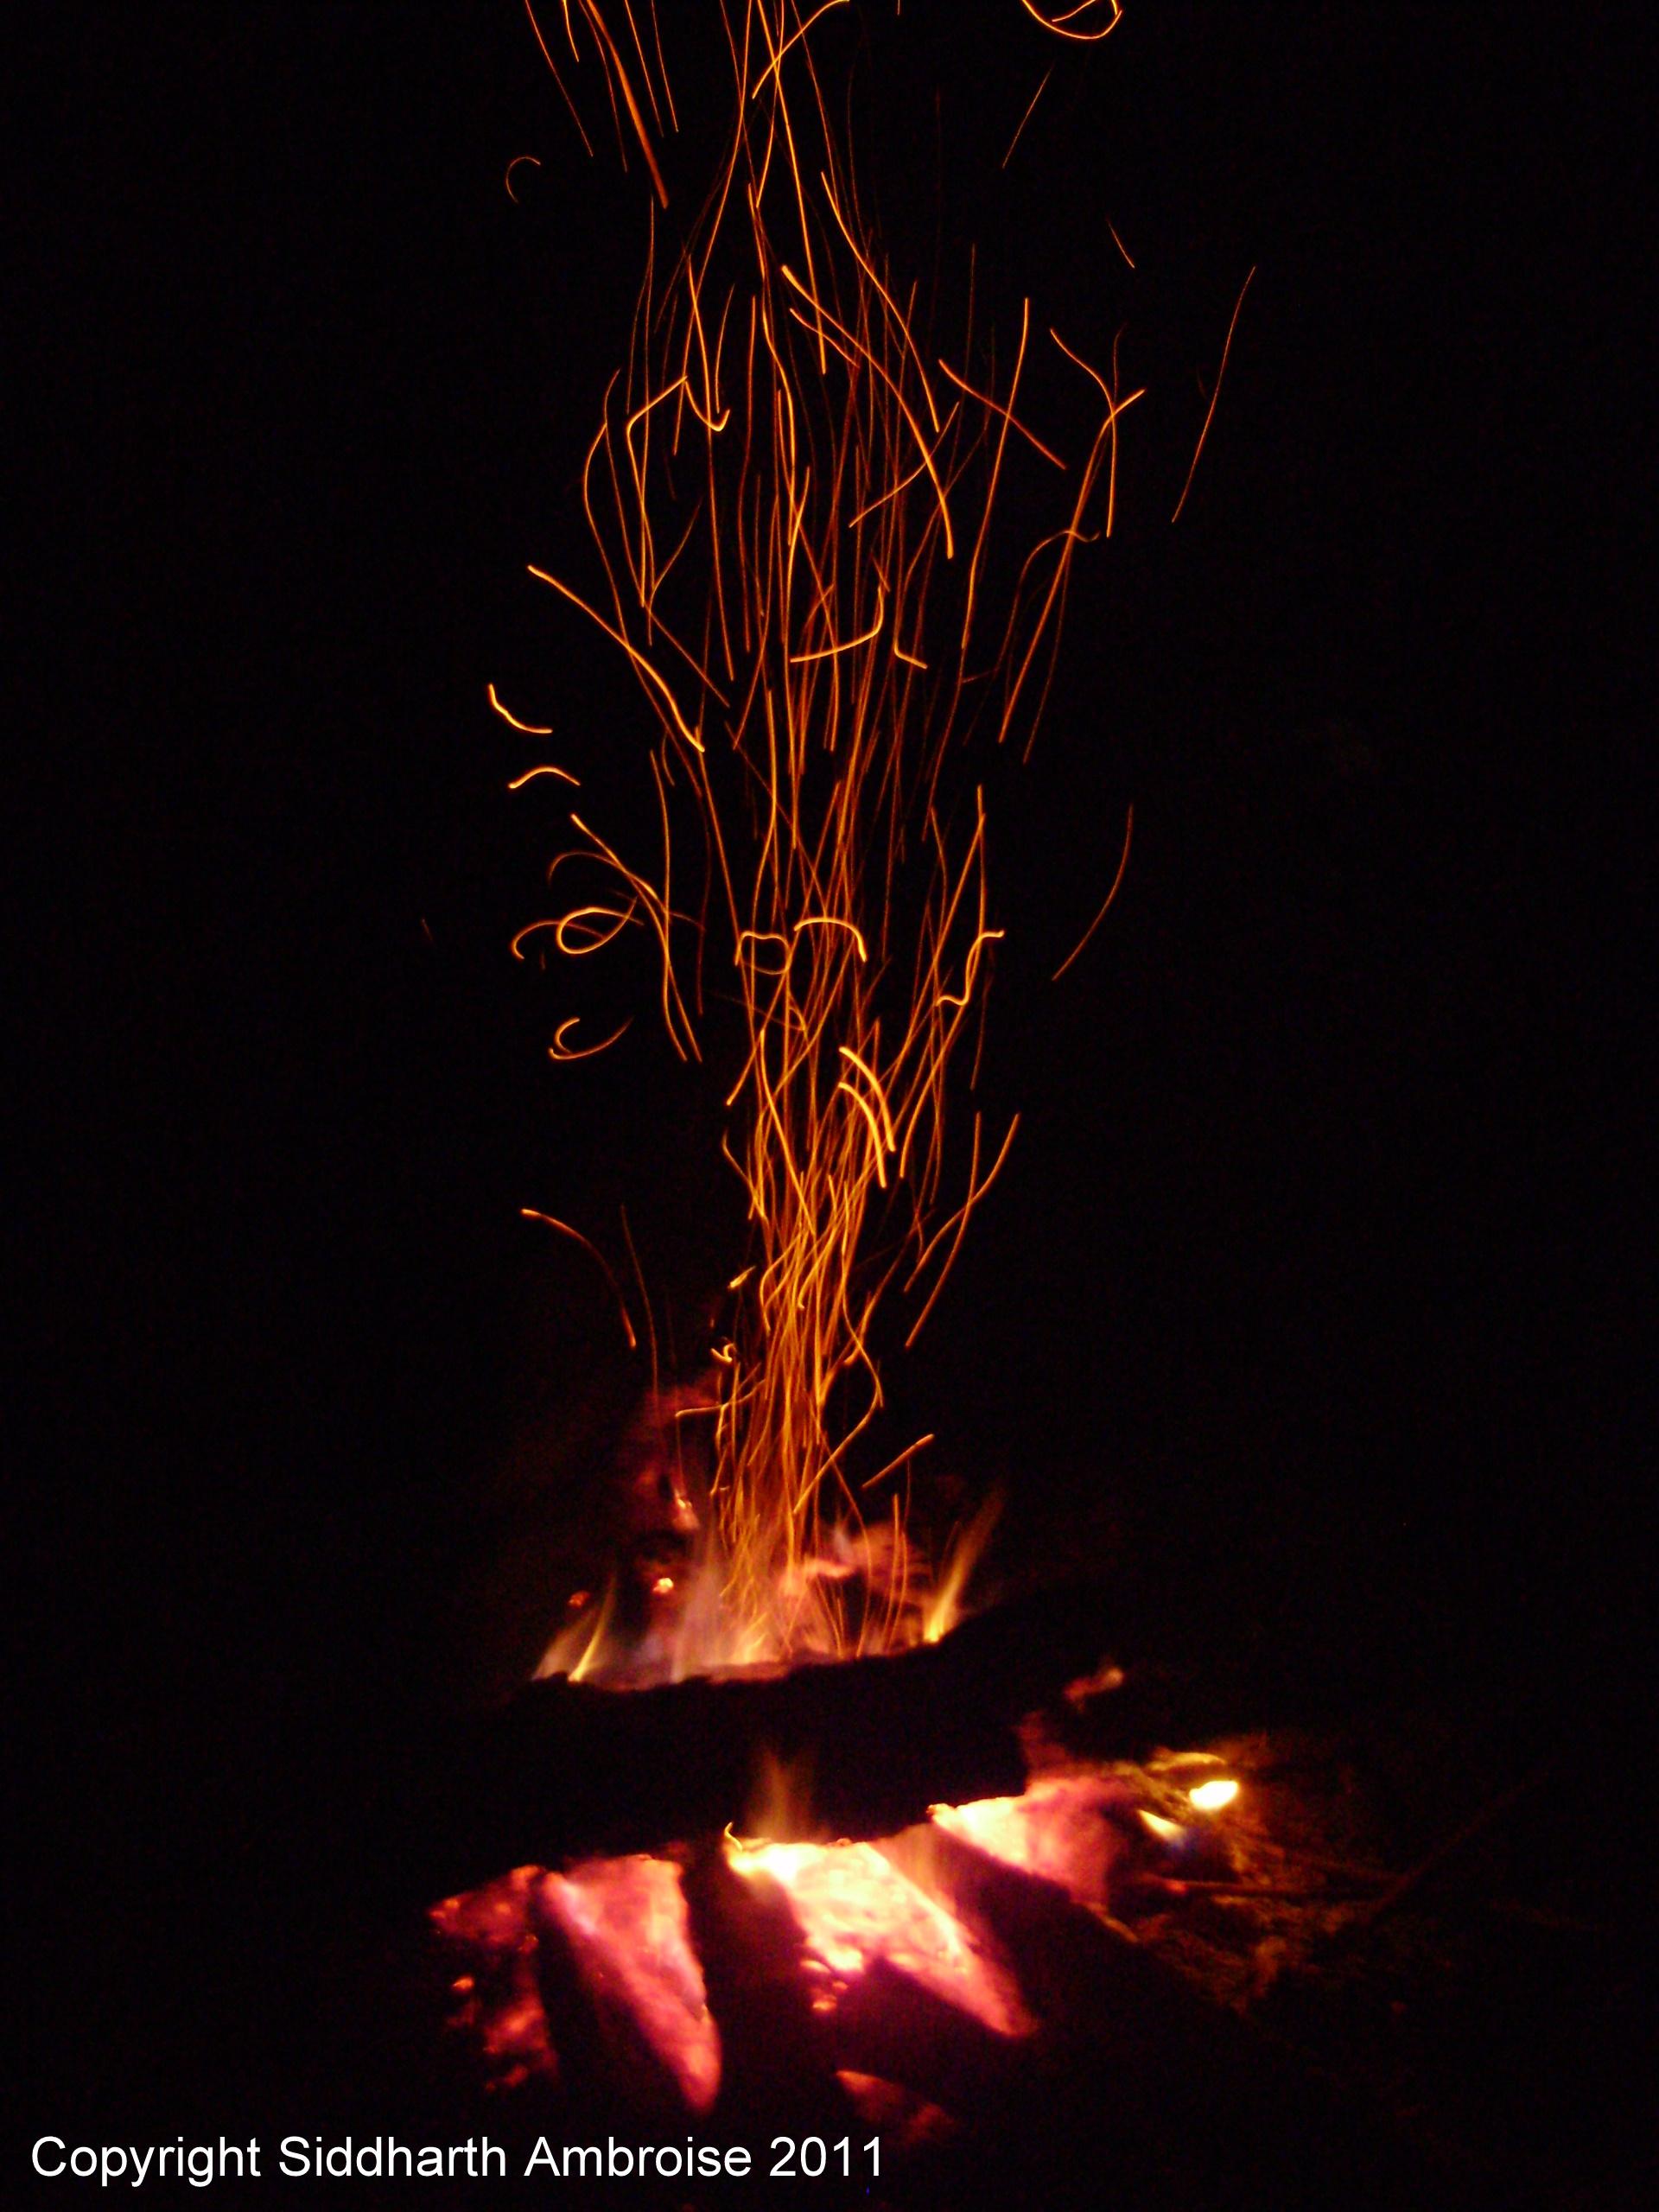 Fire Lion Hd Wallpaper Gallery Fire Cinders